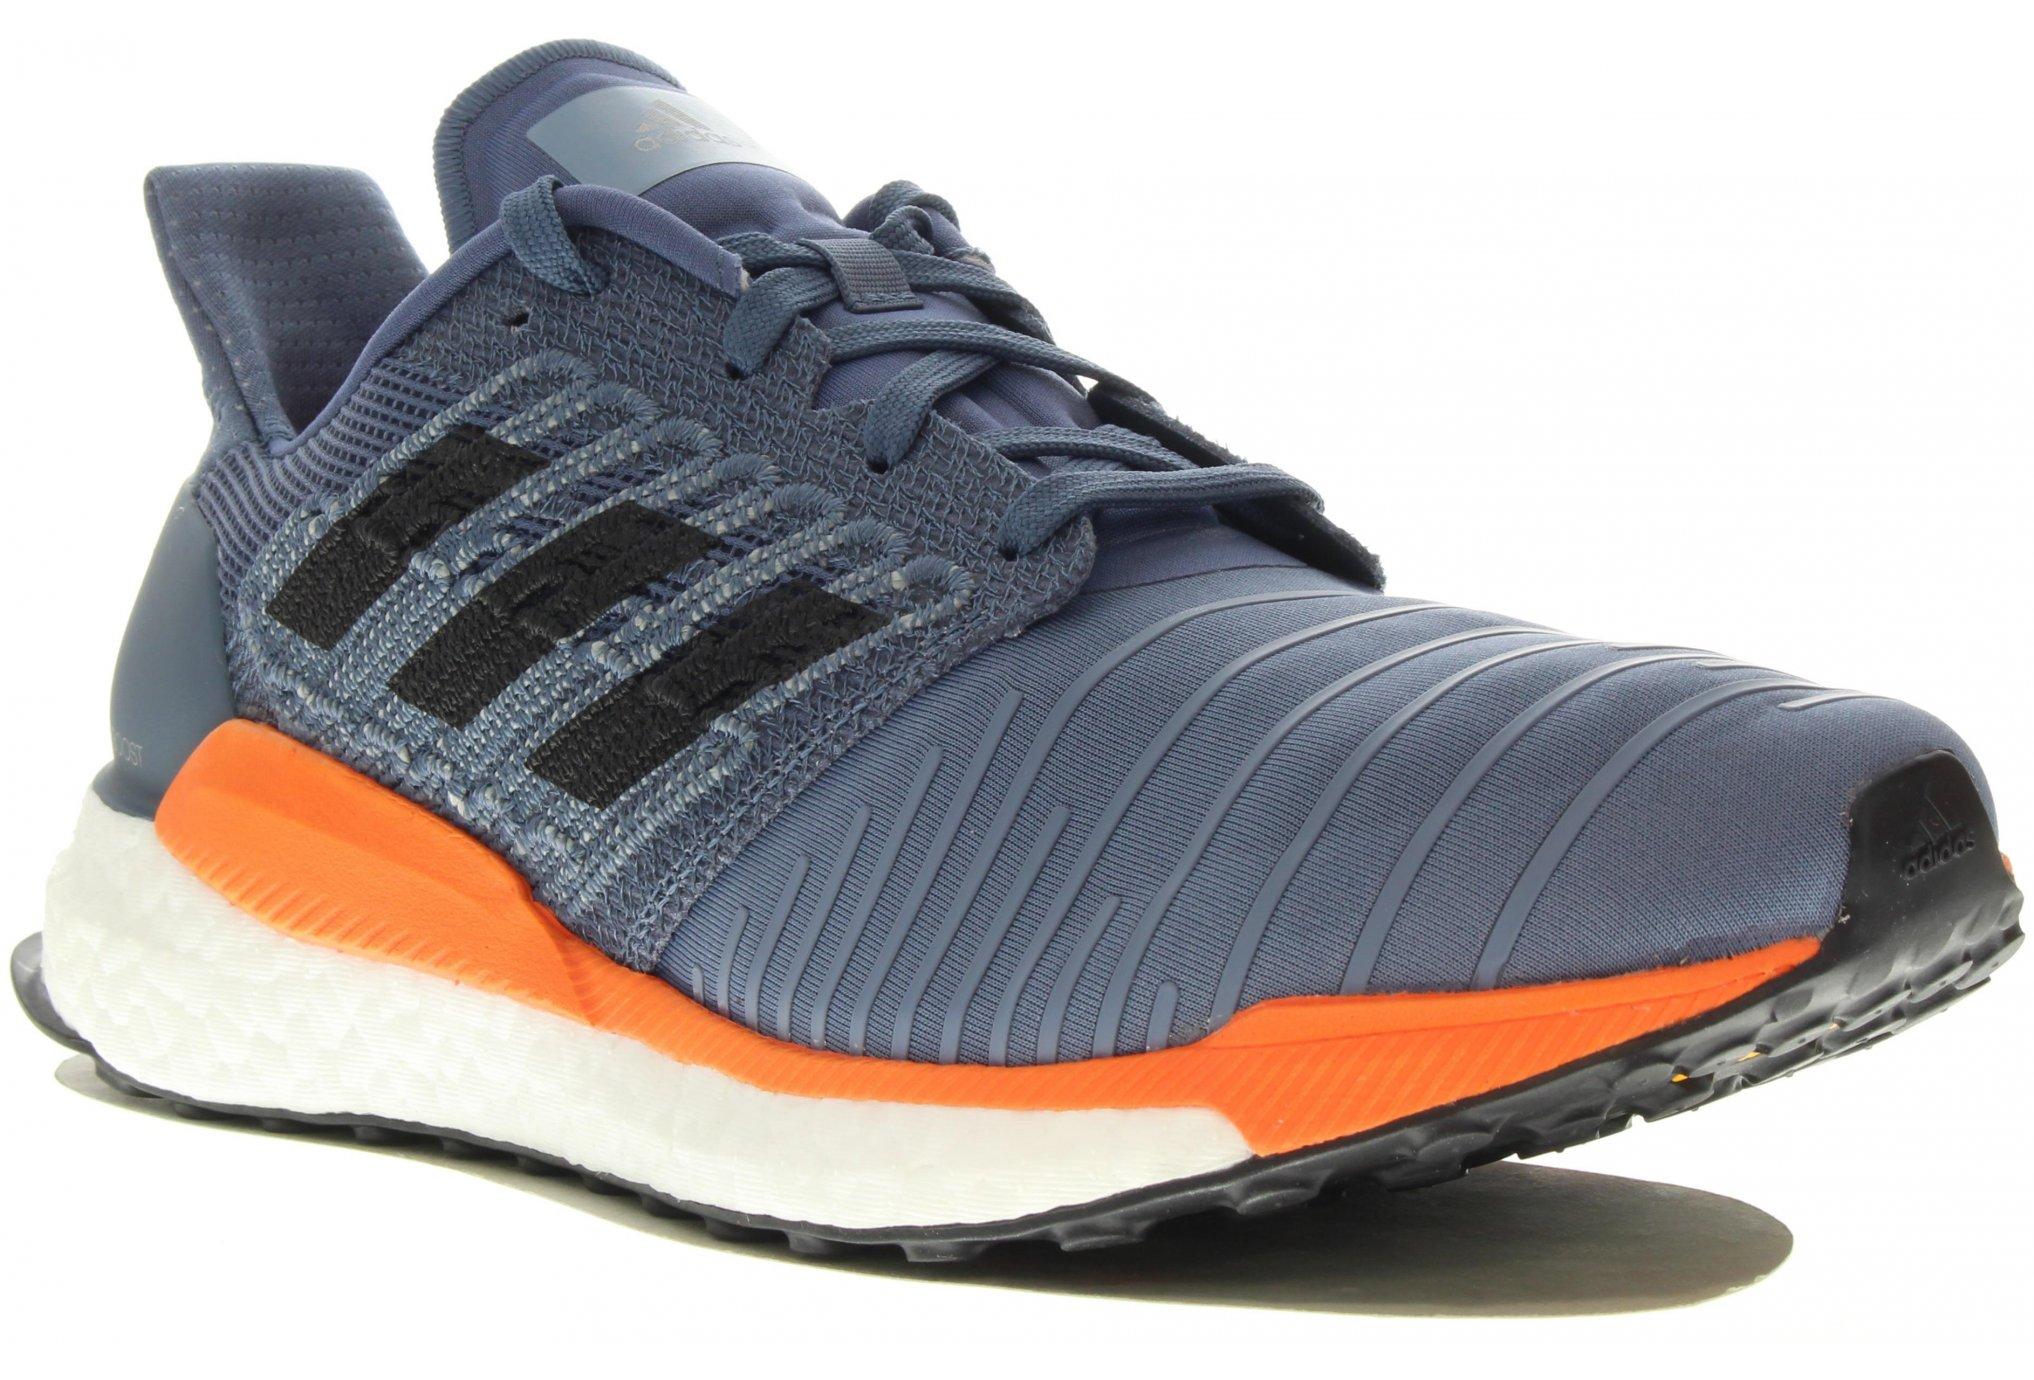 Adidas Solar boost m diététique chaussures homme